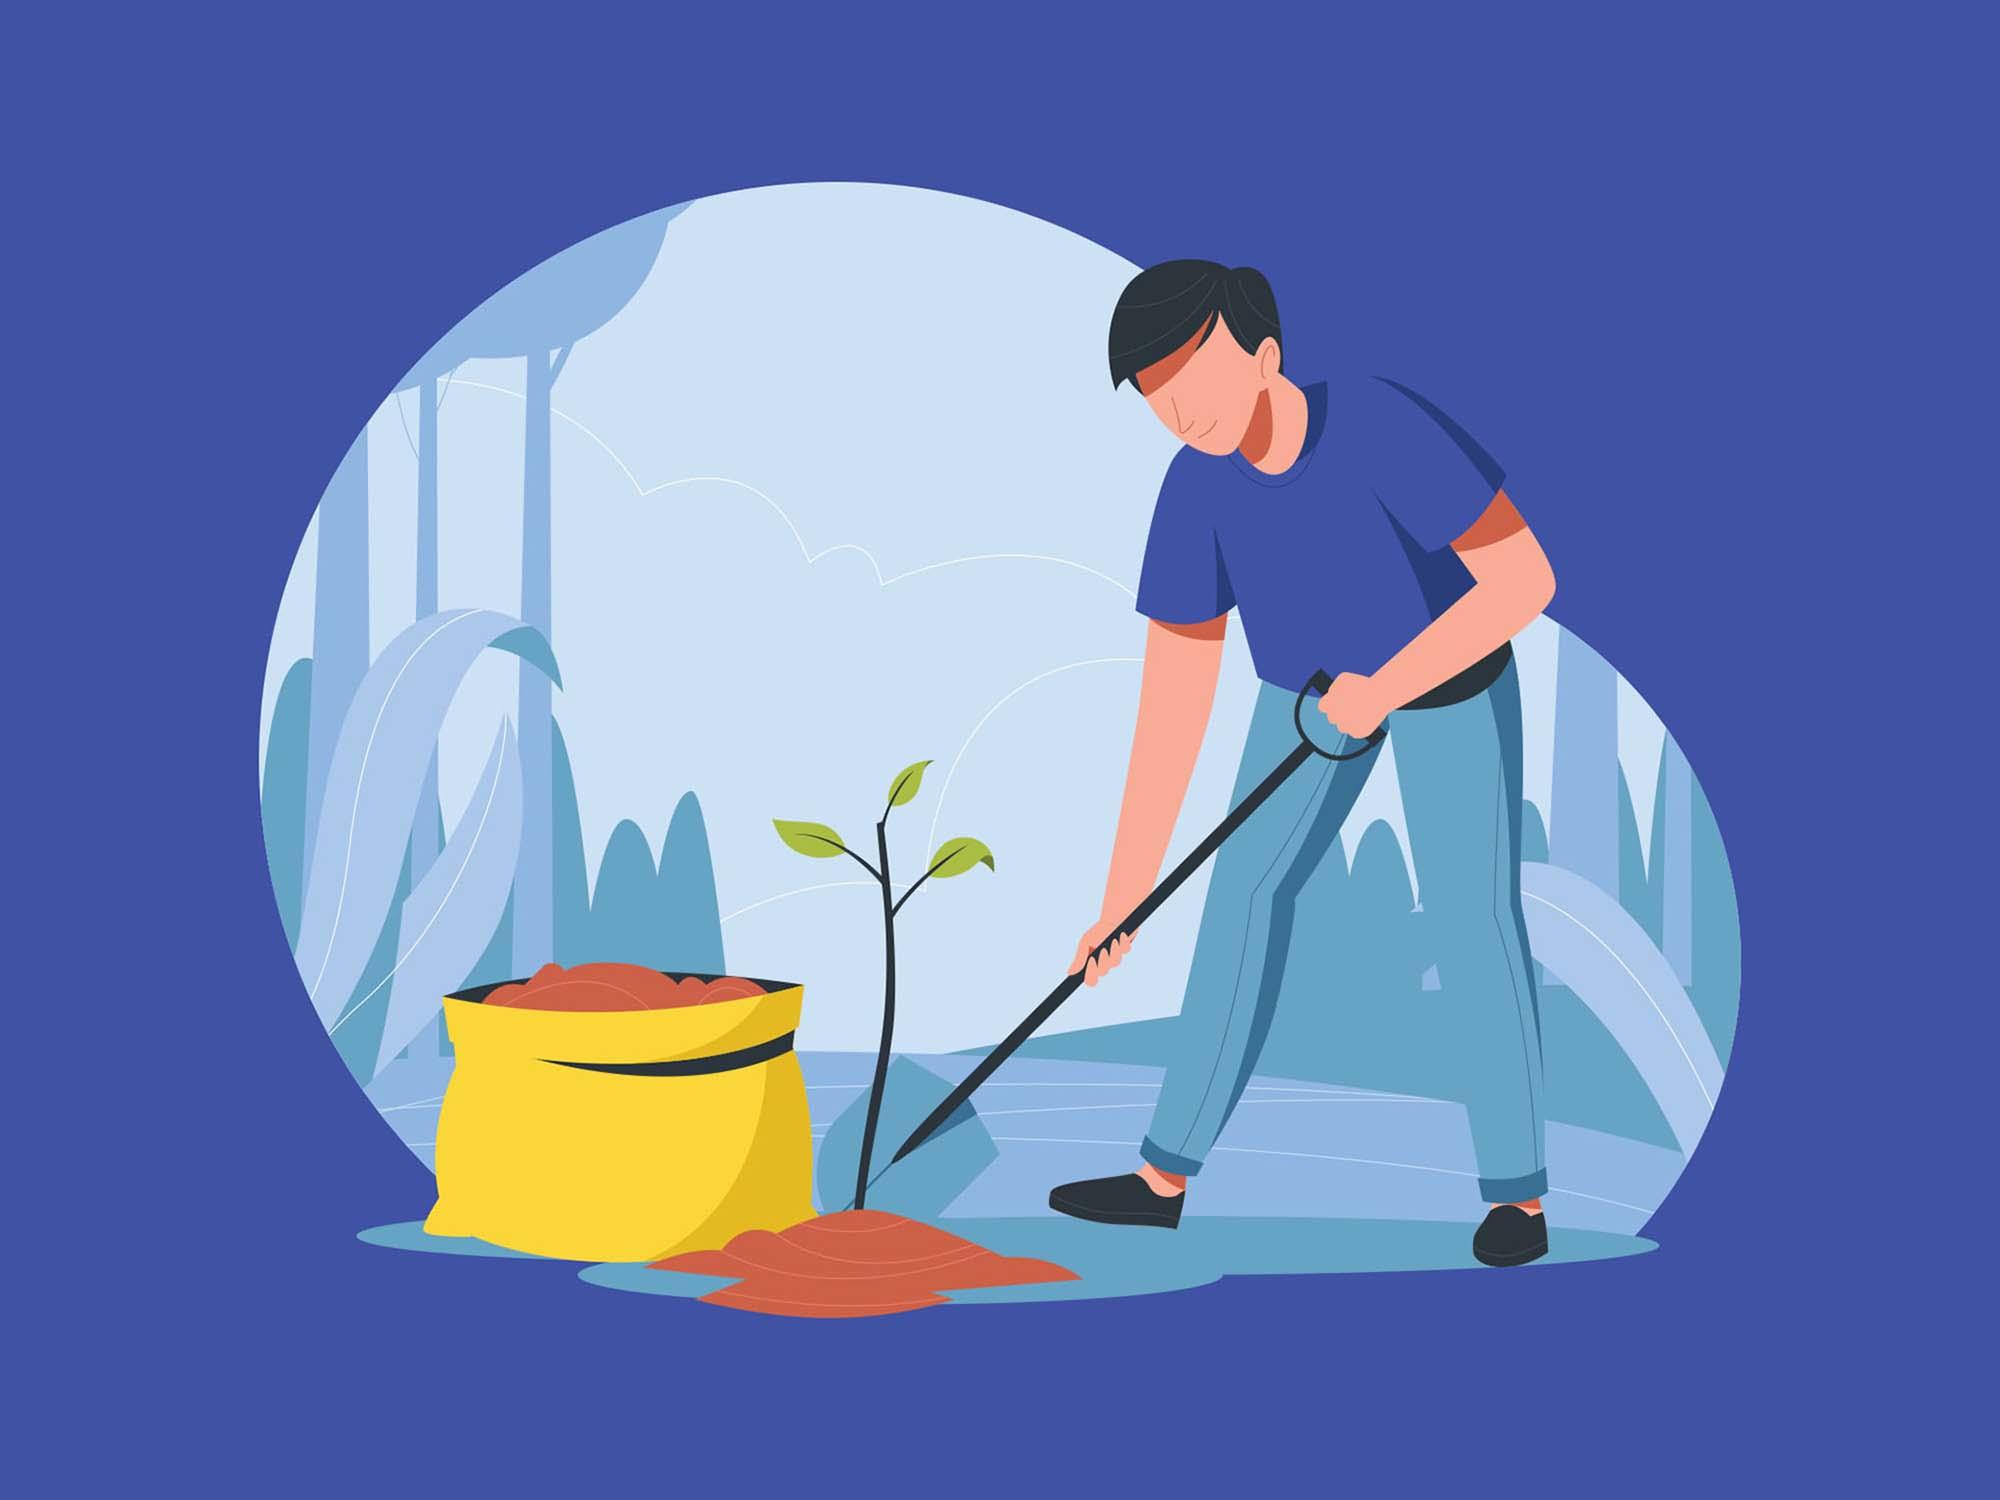 Man Planting a Tree Vector Illustration